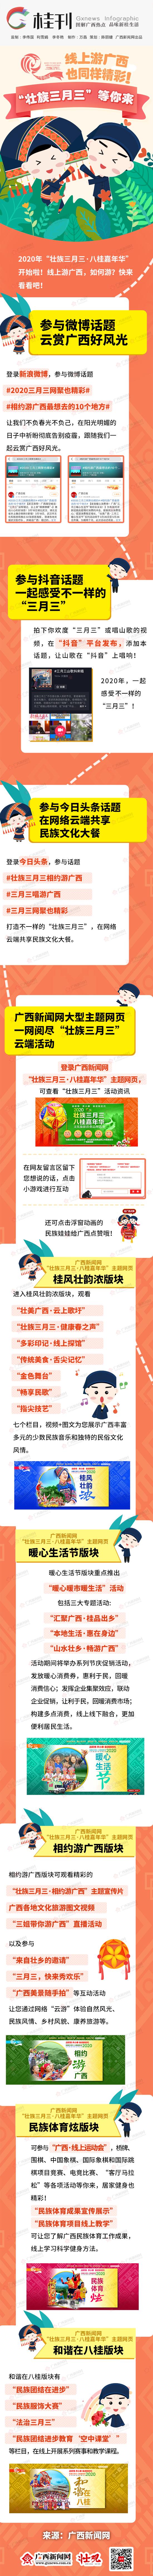 """【桂刊】线上游天天娱乐,天天娱乐大厅:同样精彩!""""壮族三月三""""等你来"""